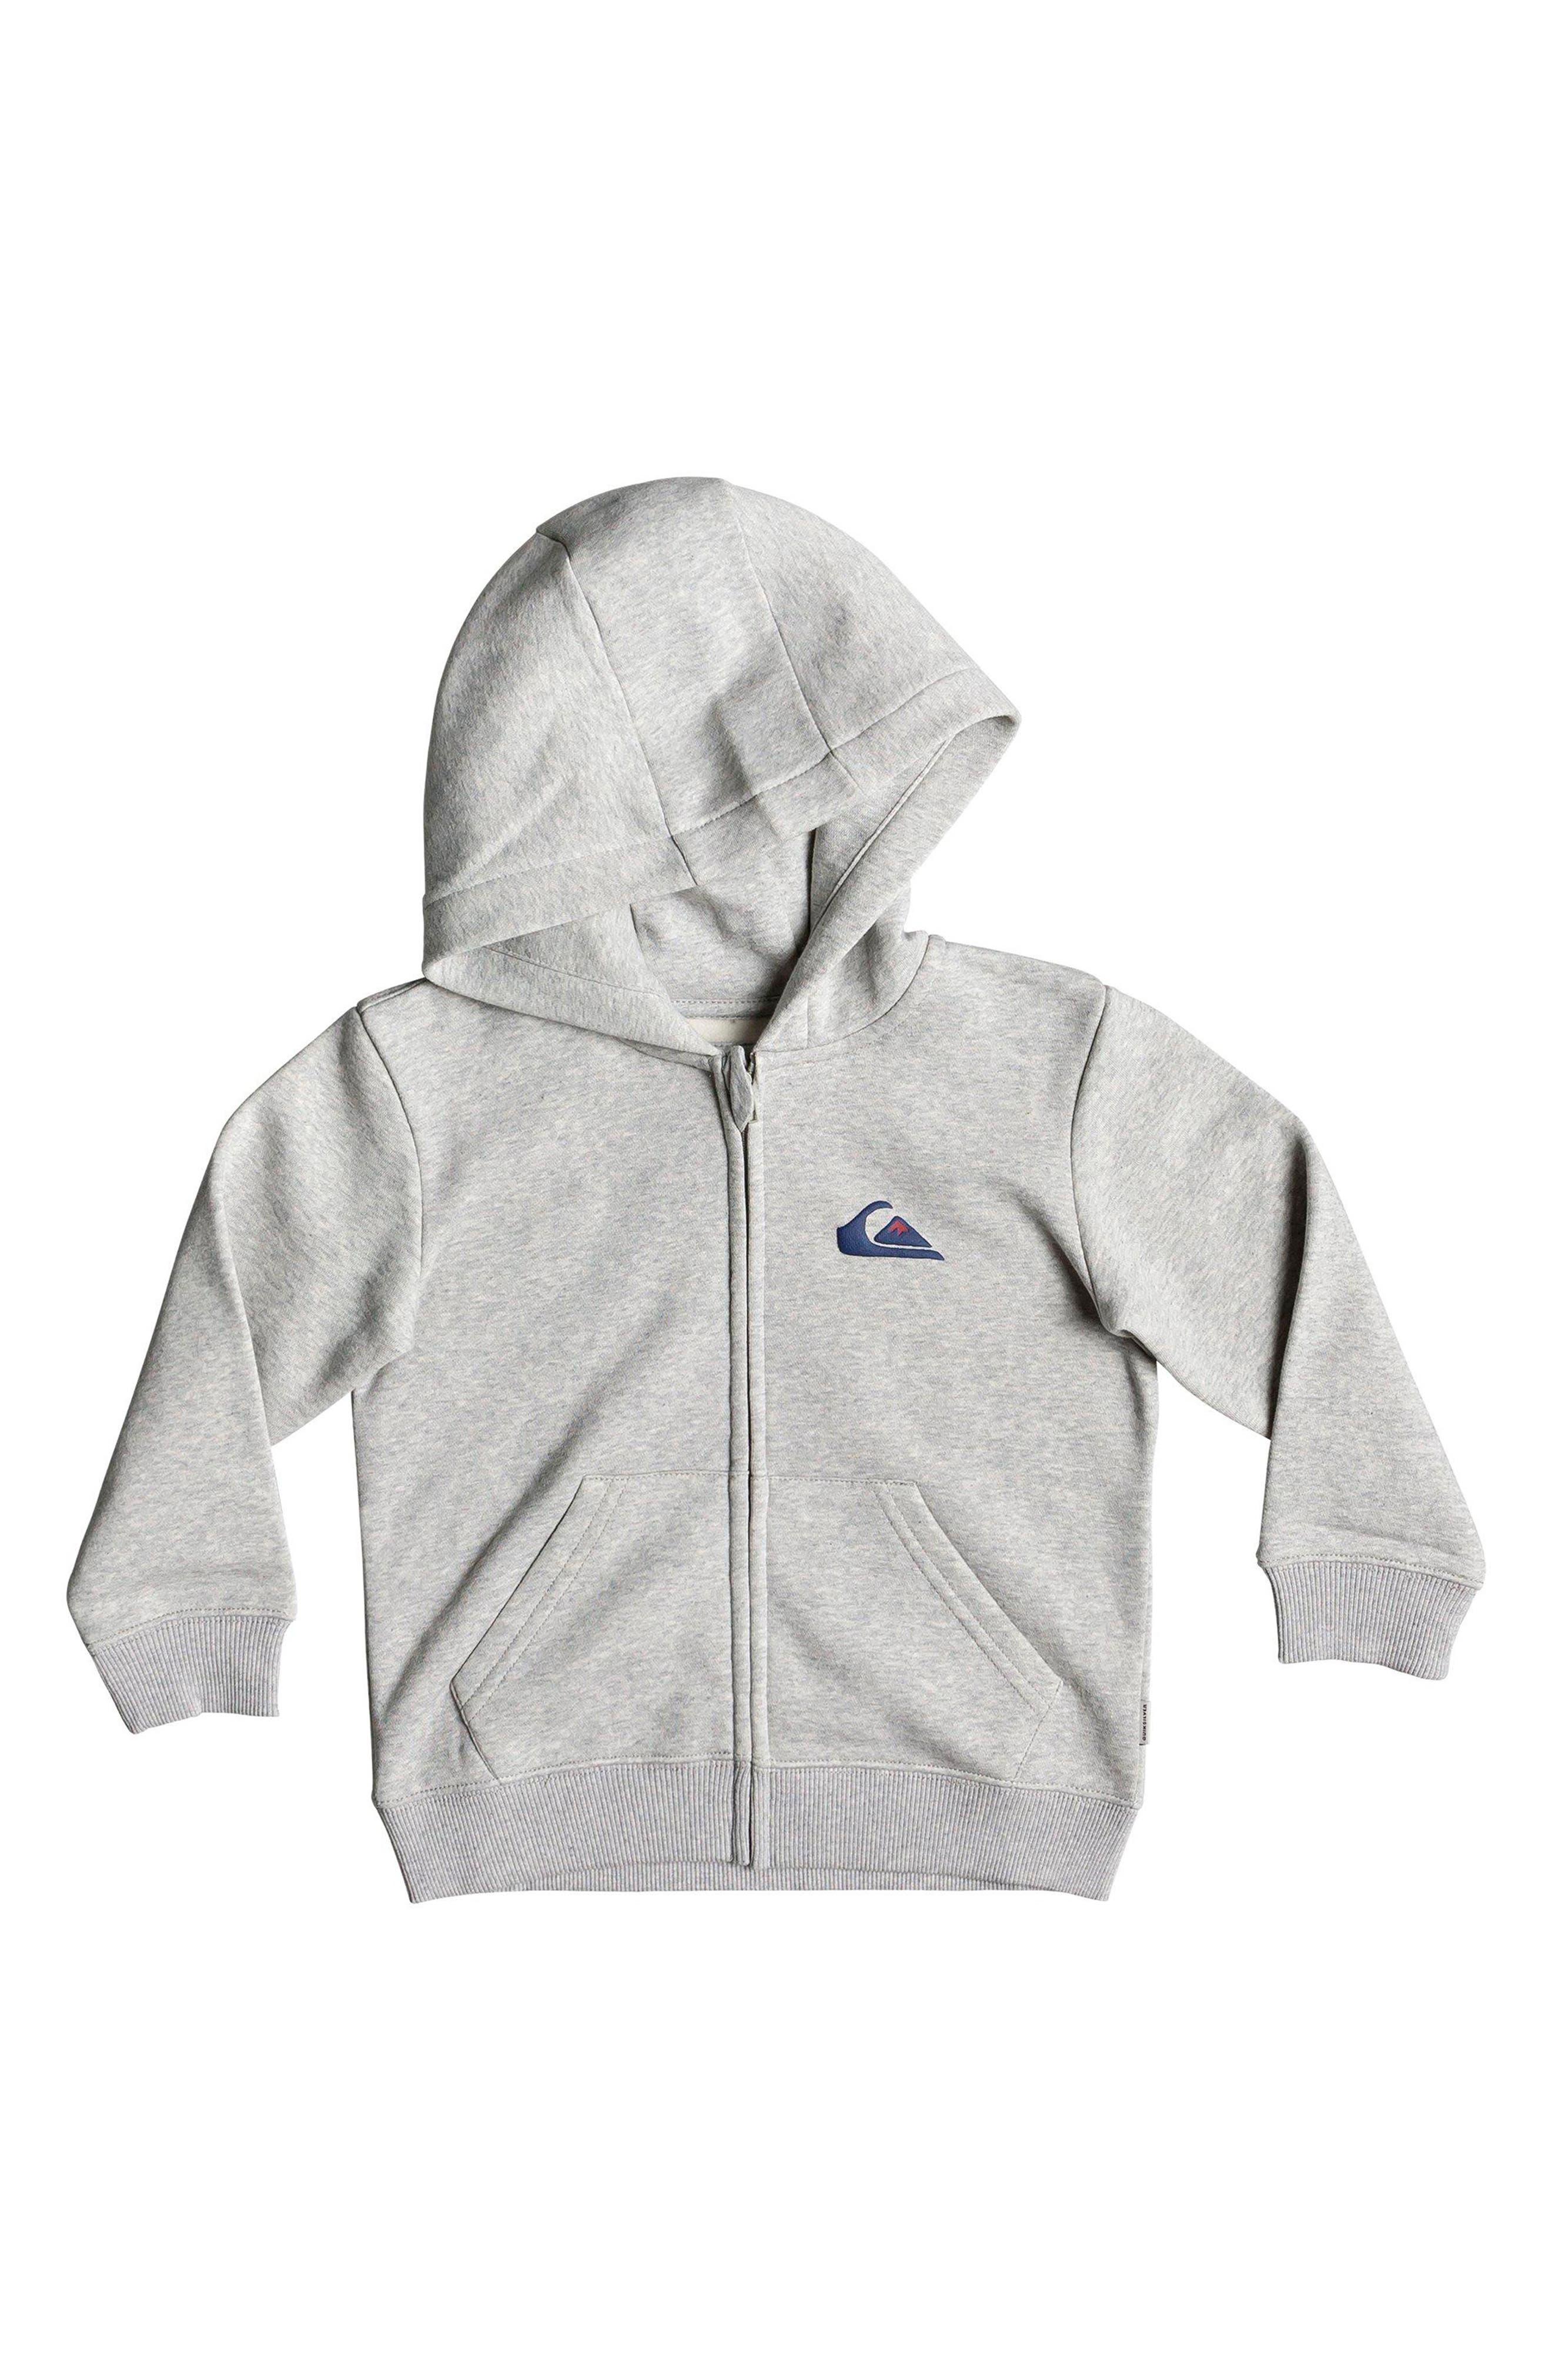 Toddler Boys Quiksilver Jam It Zip Hoodie Size 3T  Grey